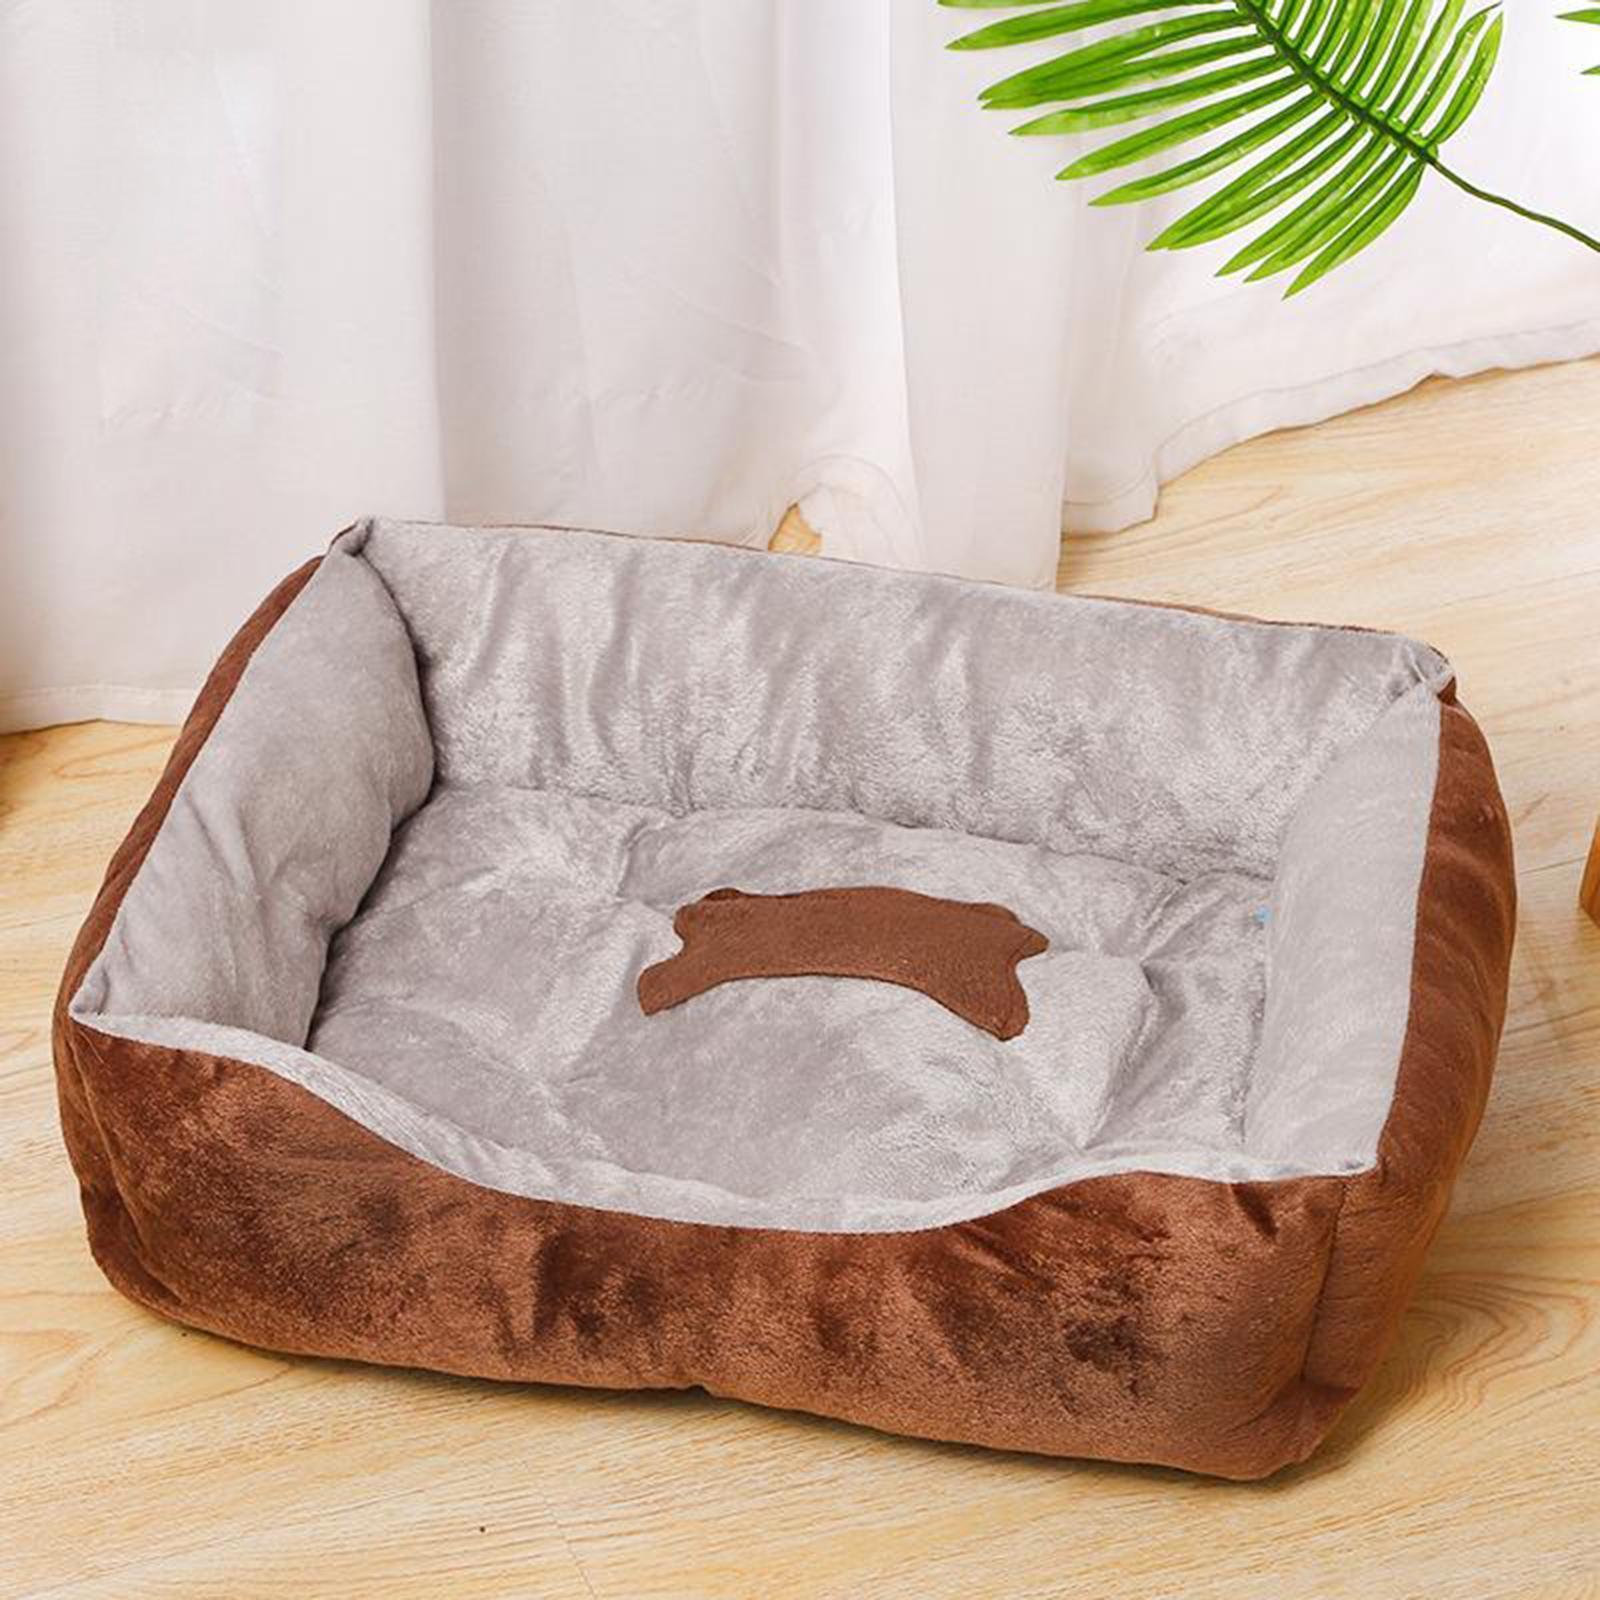 Indexbild 50 - Katze-Hund-Bett-Pet-Kissen-Betten-Haus-Schlaf-Soft-Warmen-Zwinger-Decke-Nest